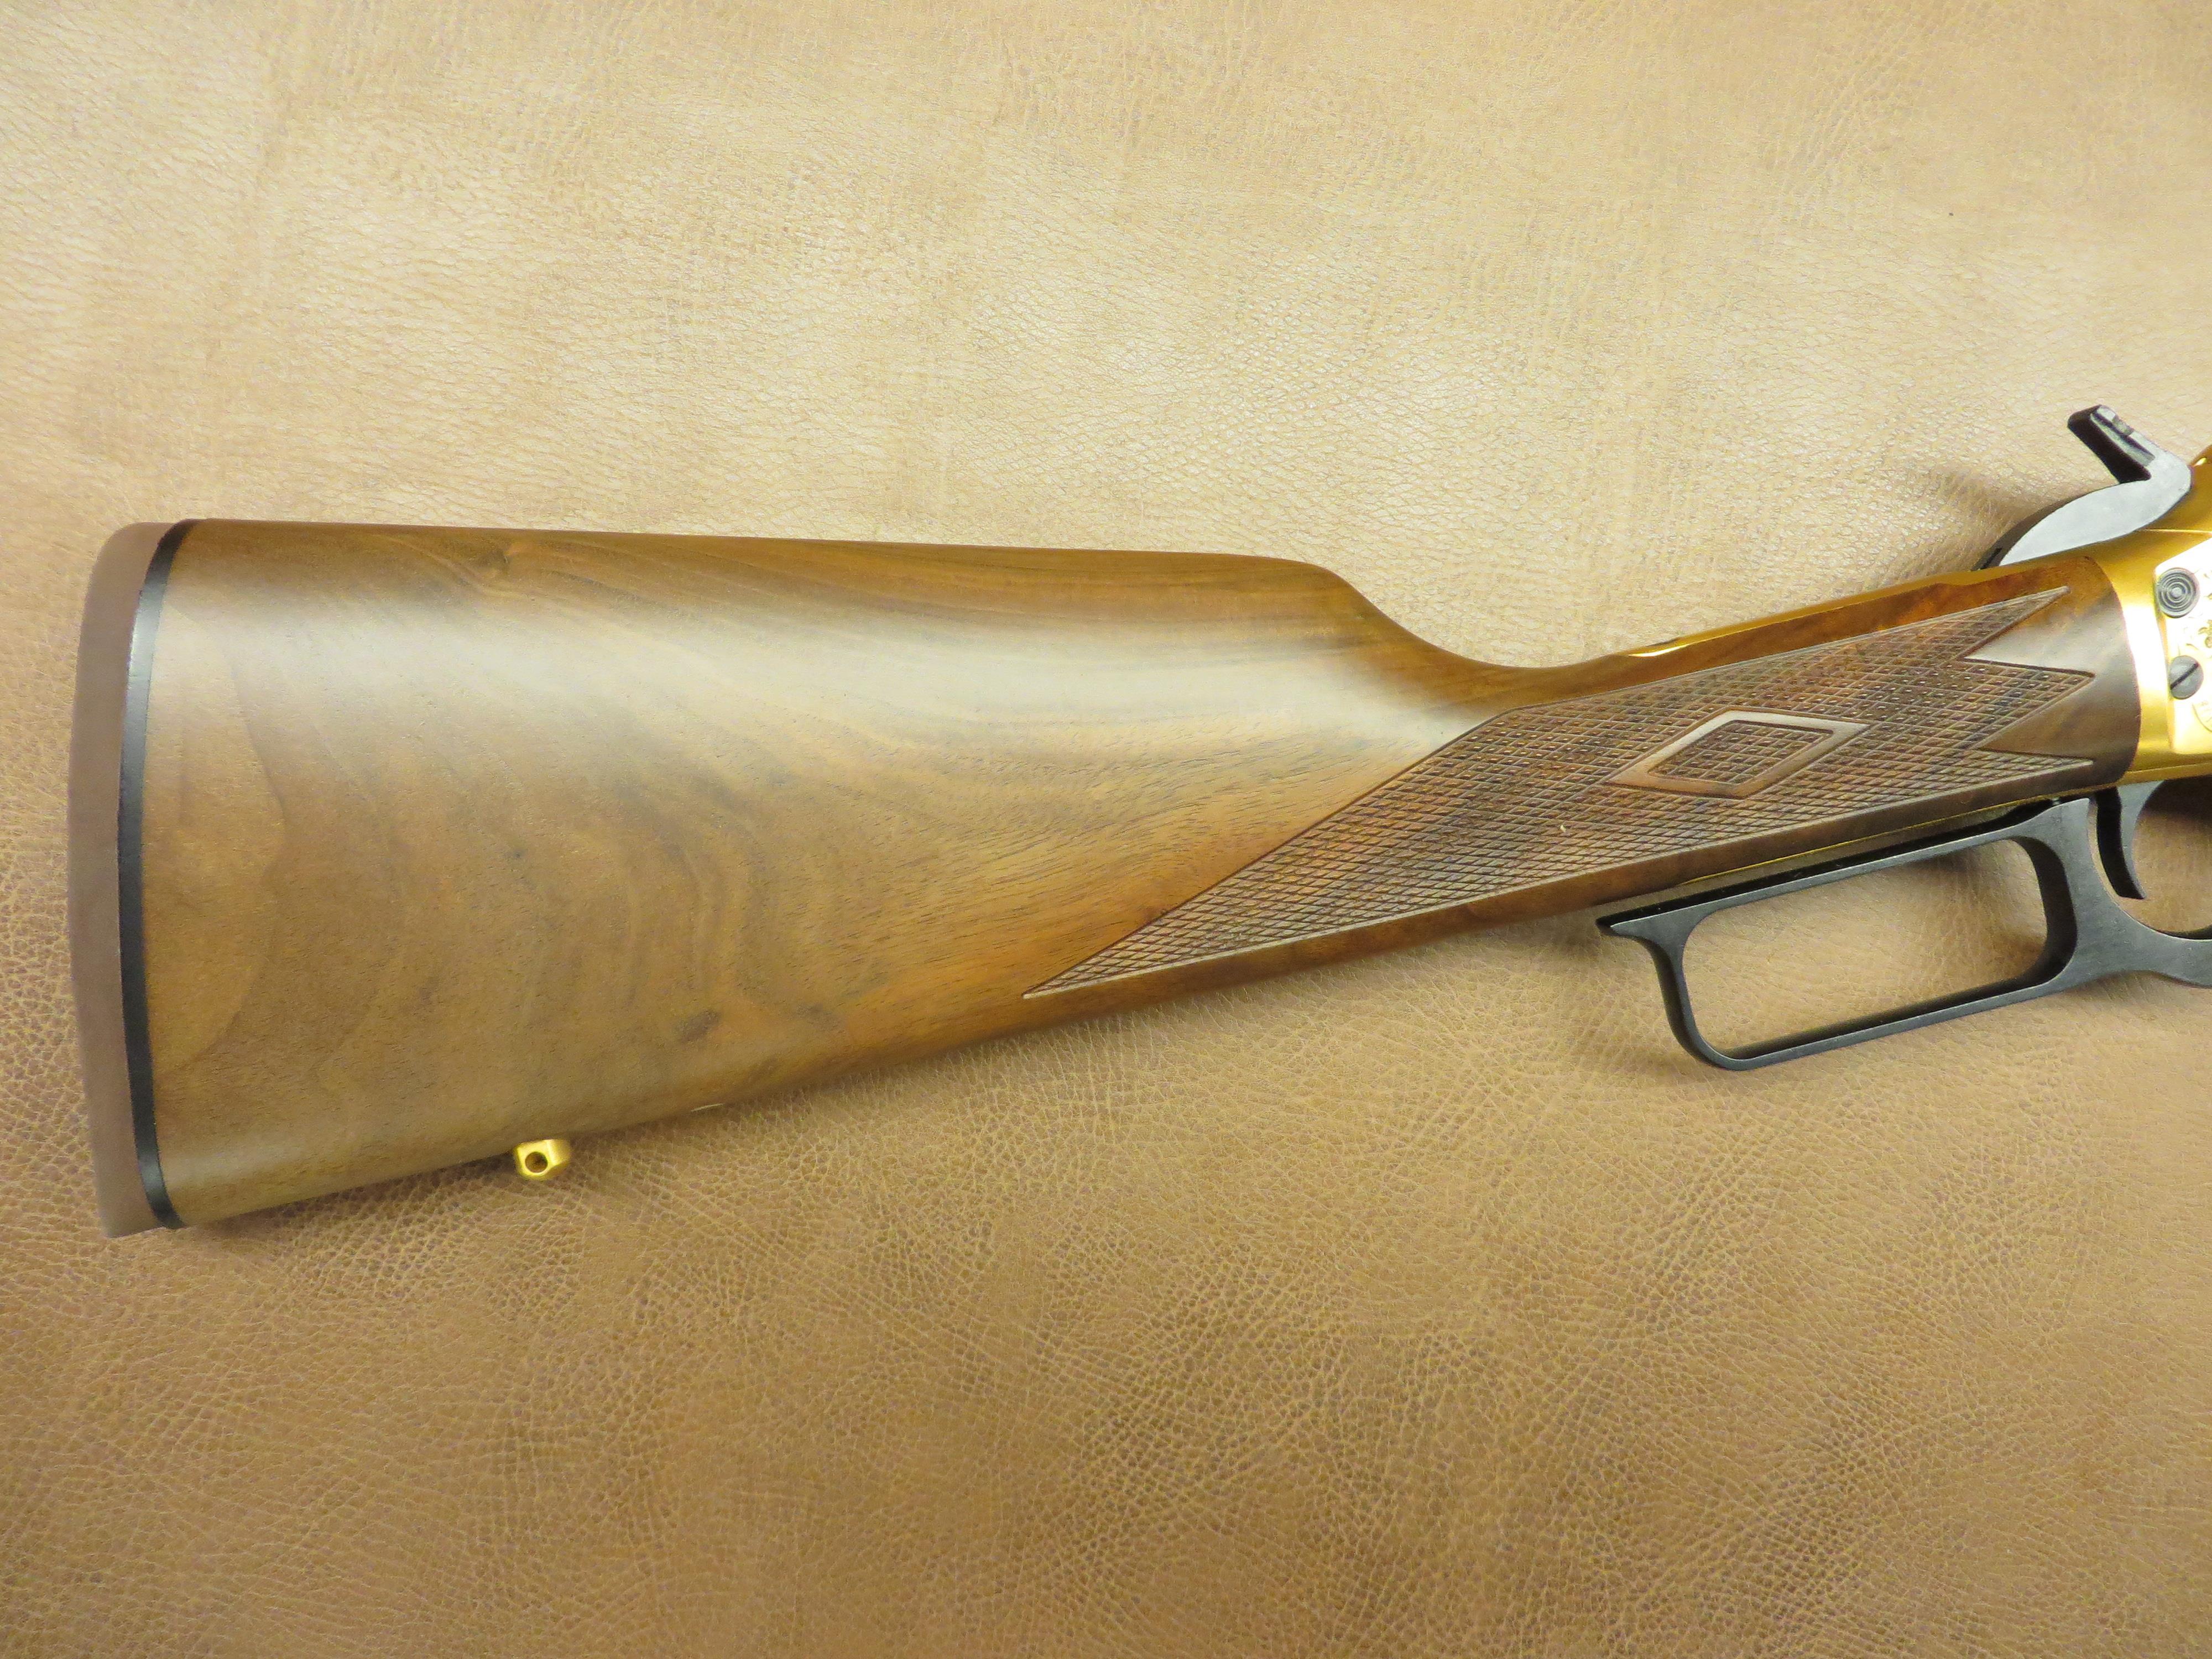 Marlin Model 1894 S Bat Masterson Commemorative For Sale